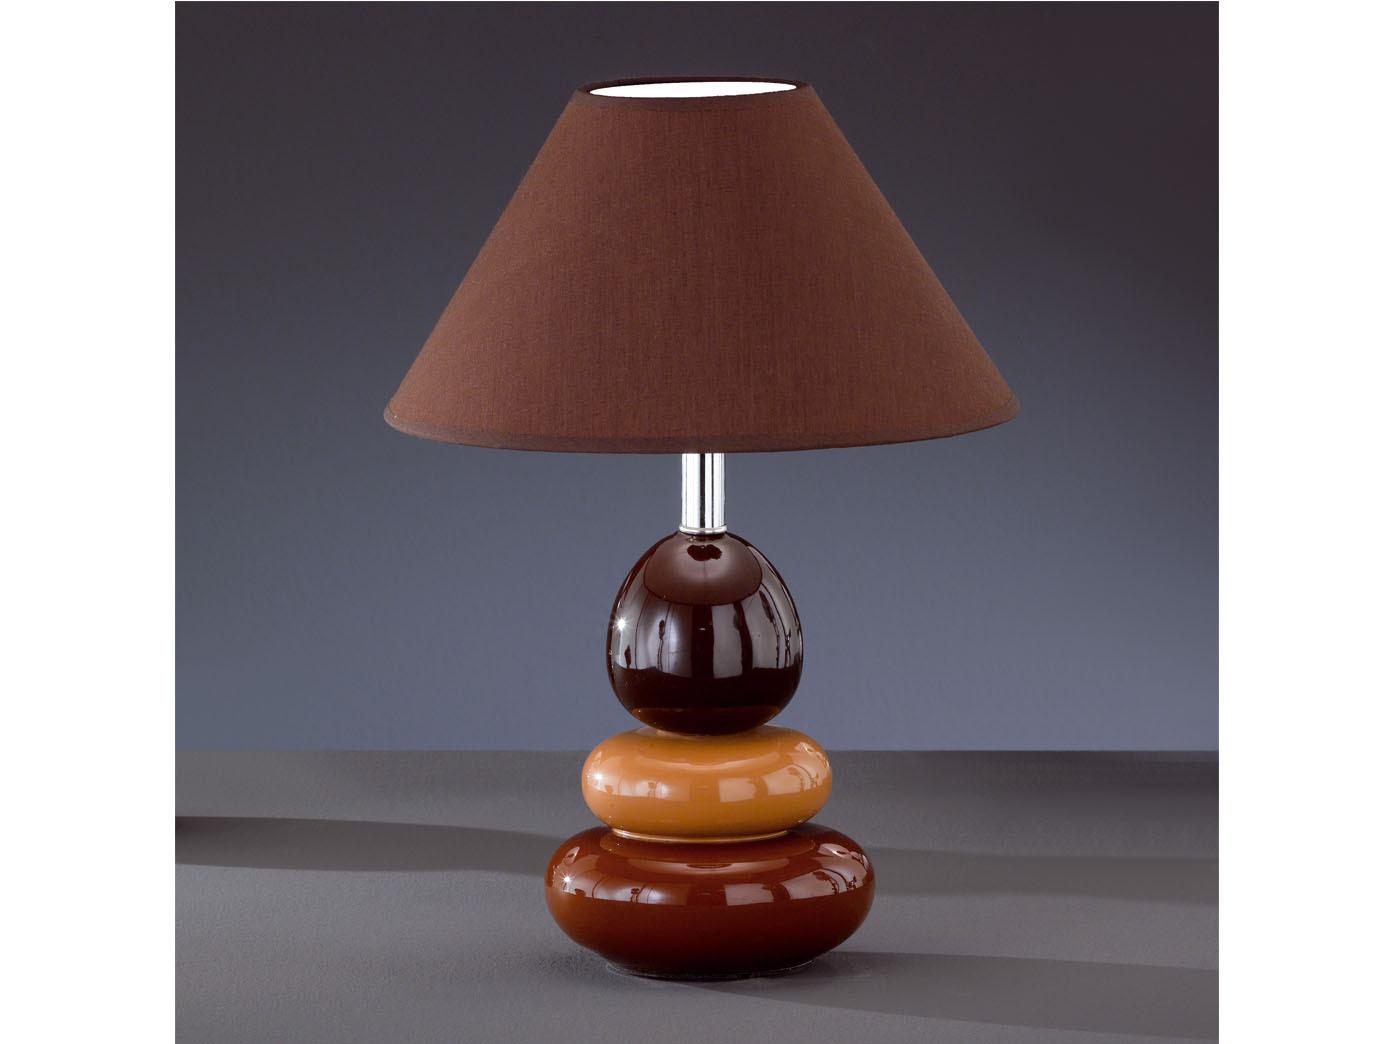 Malerisch Moderne Tischlampen Foto Von Das Bild Wird Geladen Moderne-tischlampe -stoffschirm-braun-fuss-keramik-mehrfarbig-honsel-